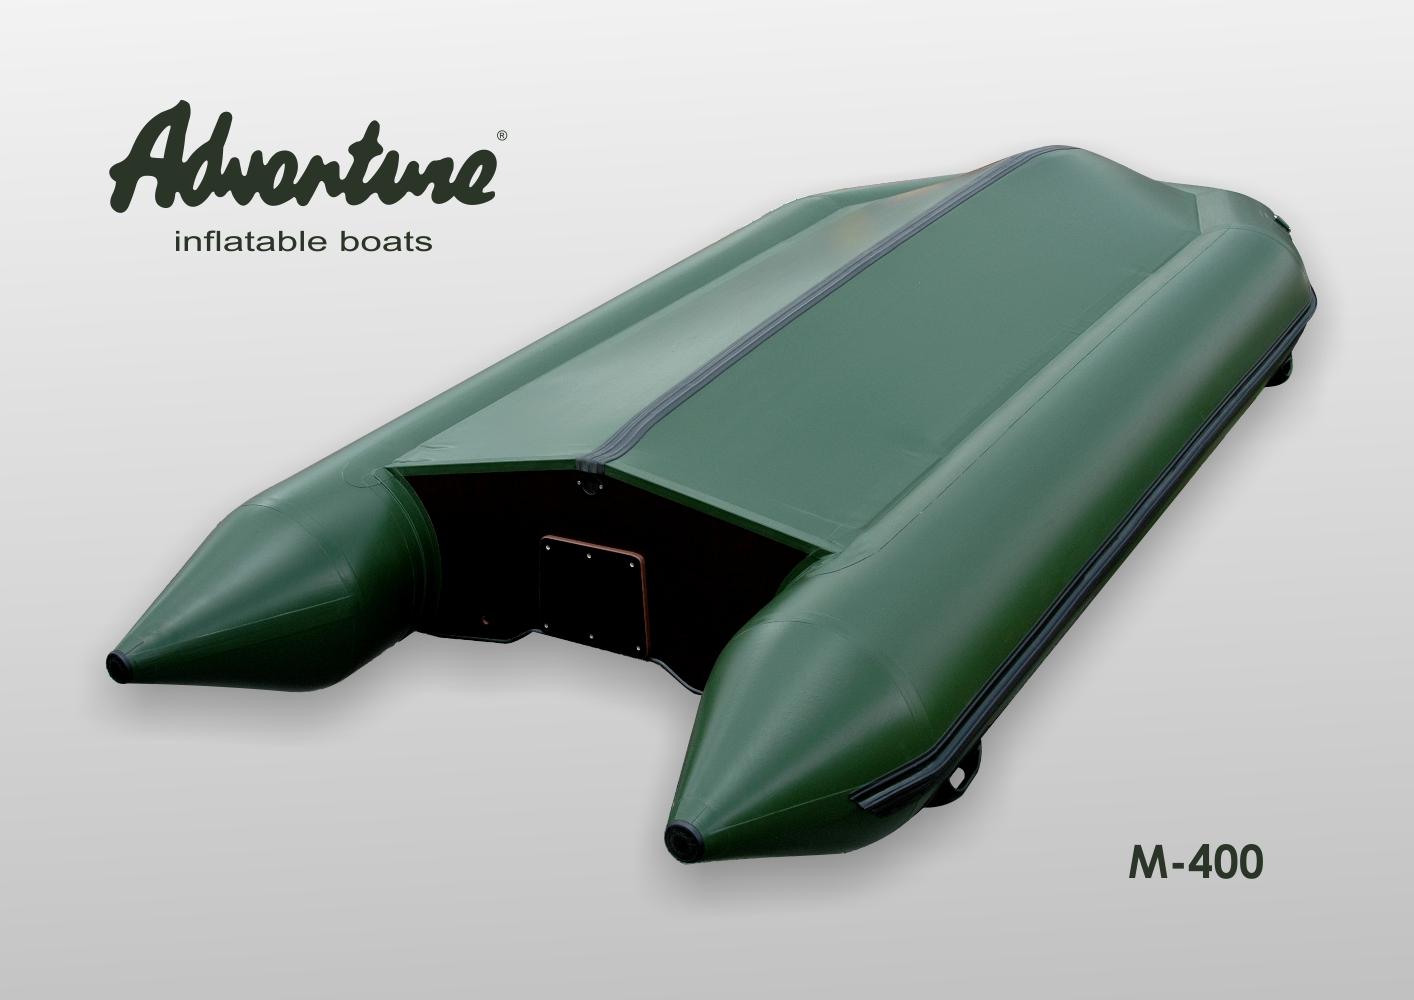 Jízdní vlastnosti nafukovacího člunu Adventure M-400 jsou založené v excelentně tvarovaném nafukovacím kýlu